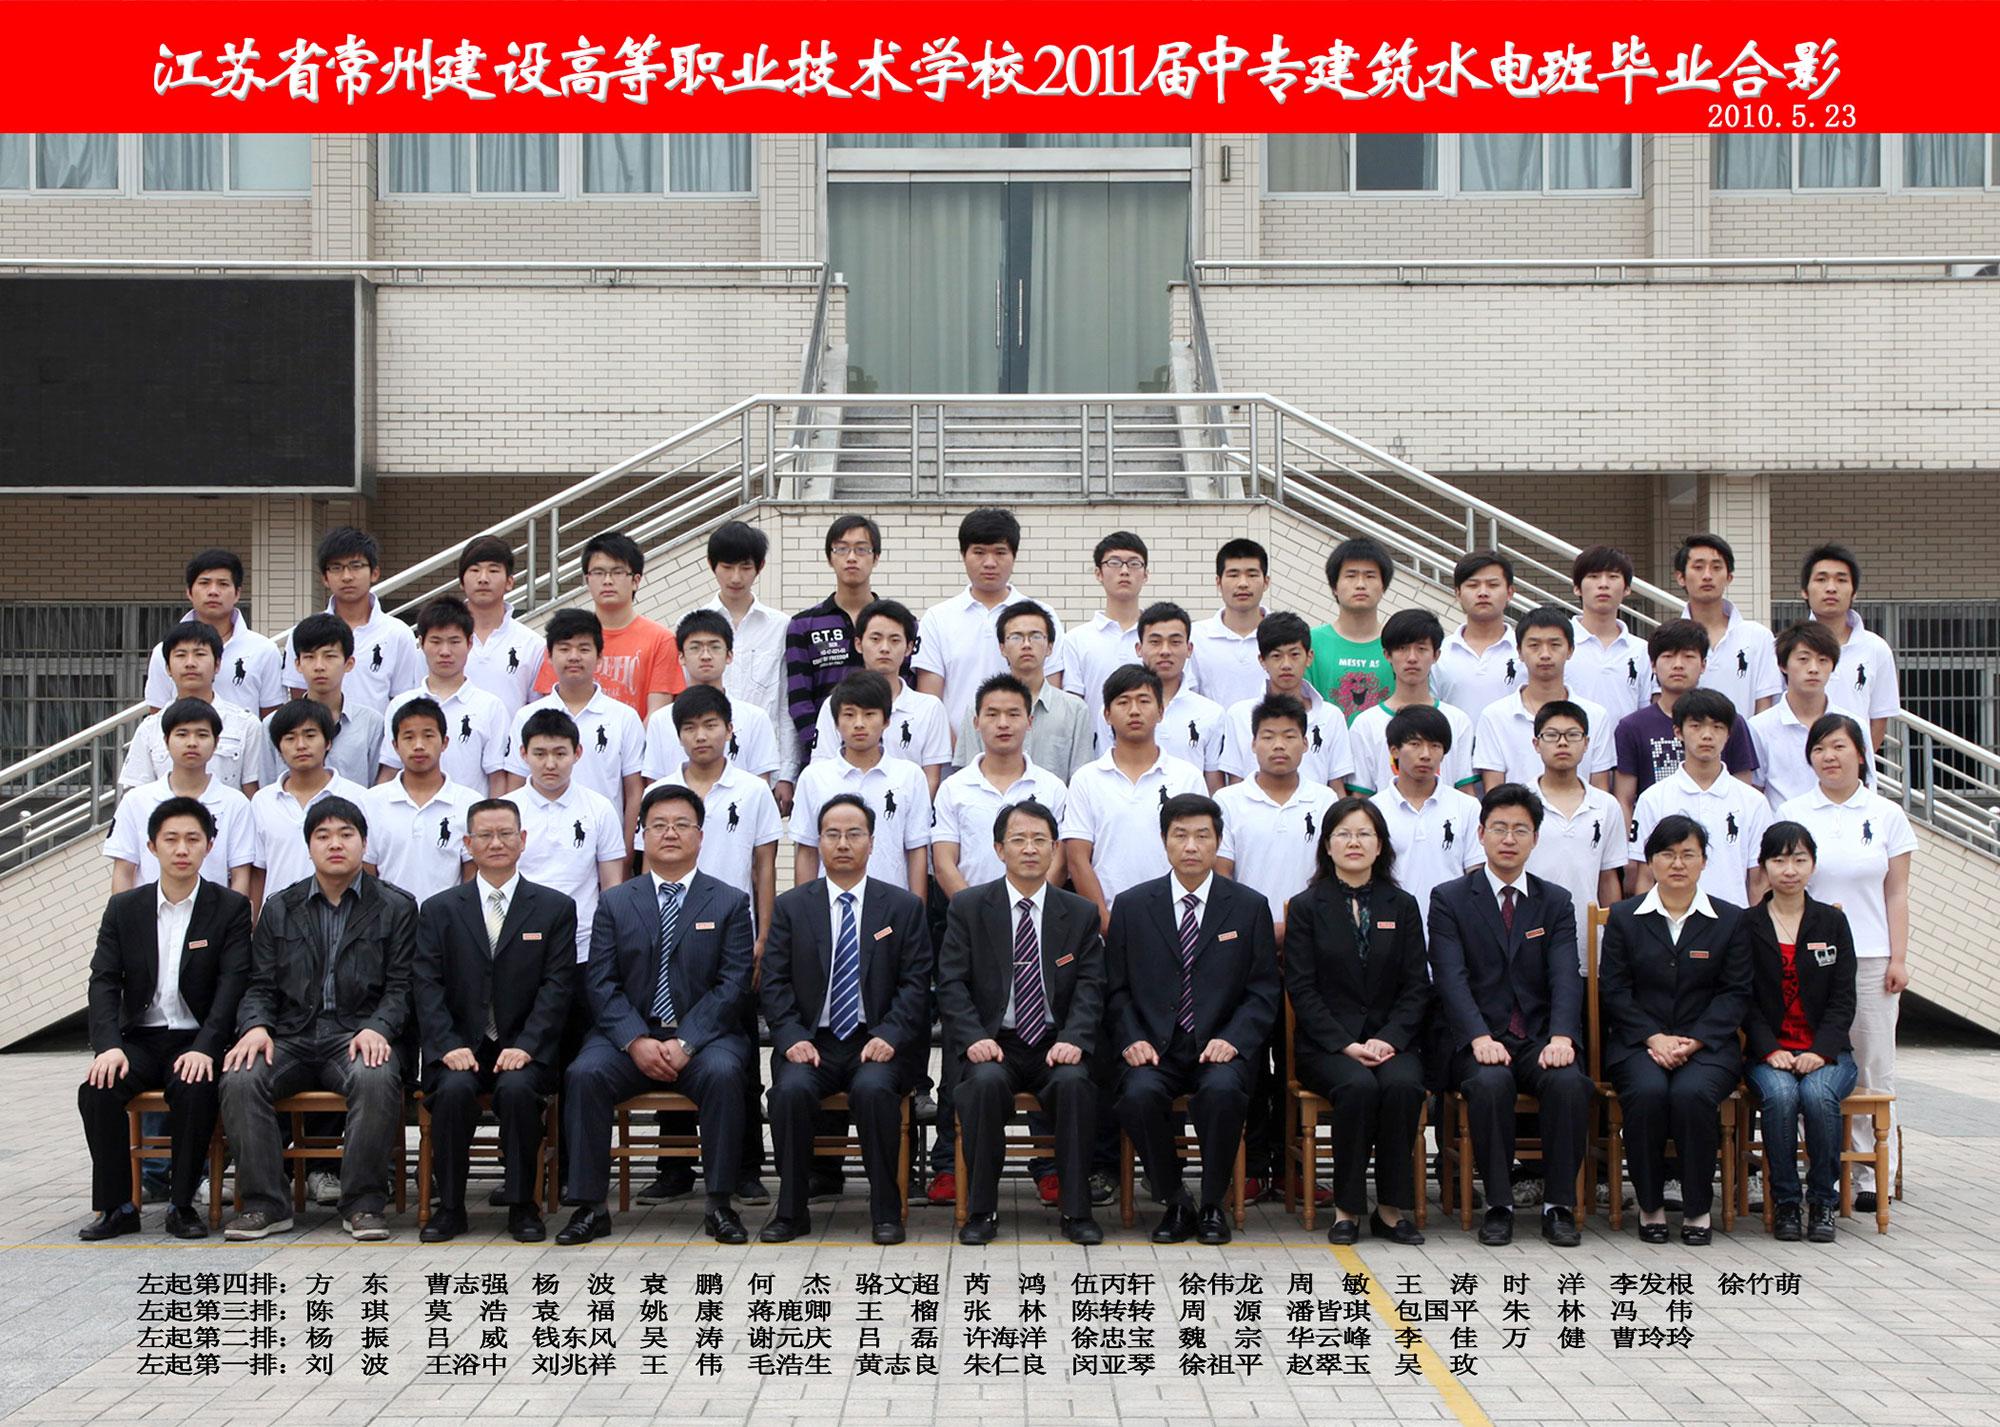 2011届中专建筑水电班毕业合影